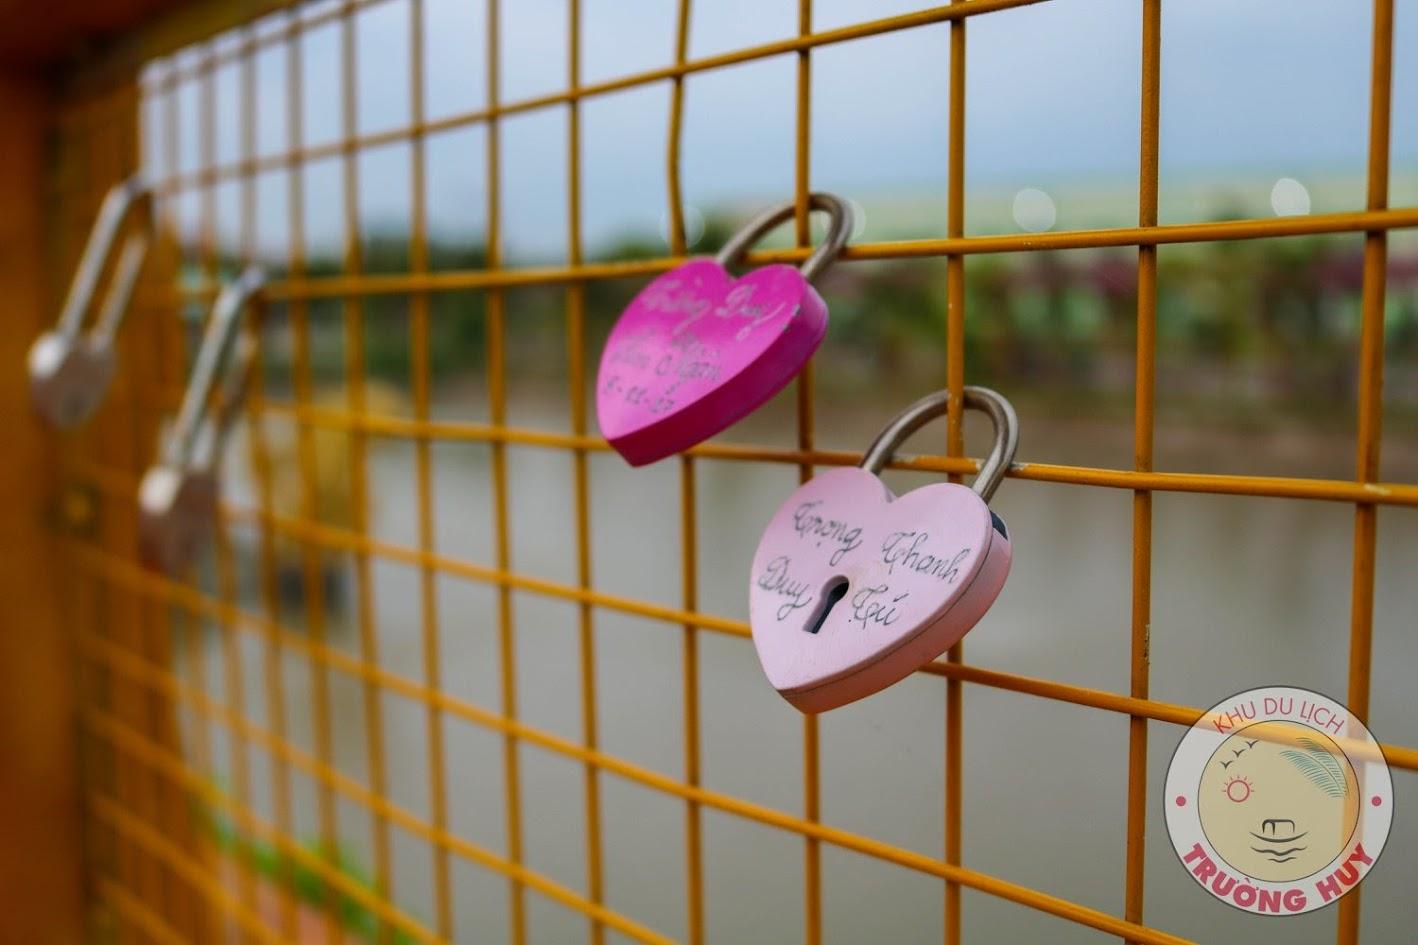 Nguồn gốc của khóa tình yêu